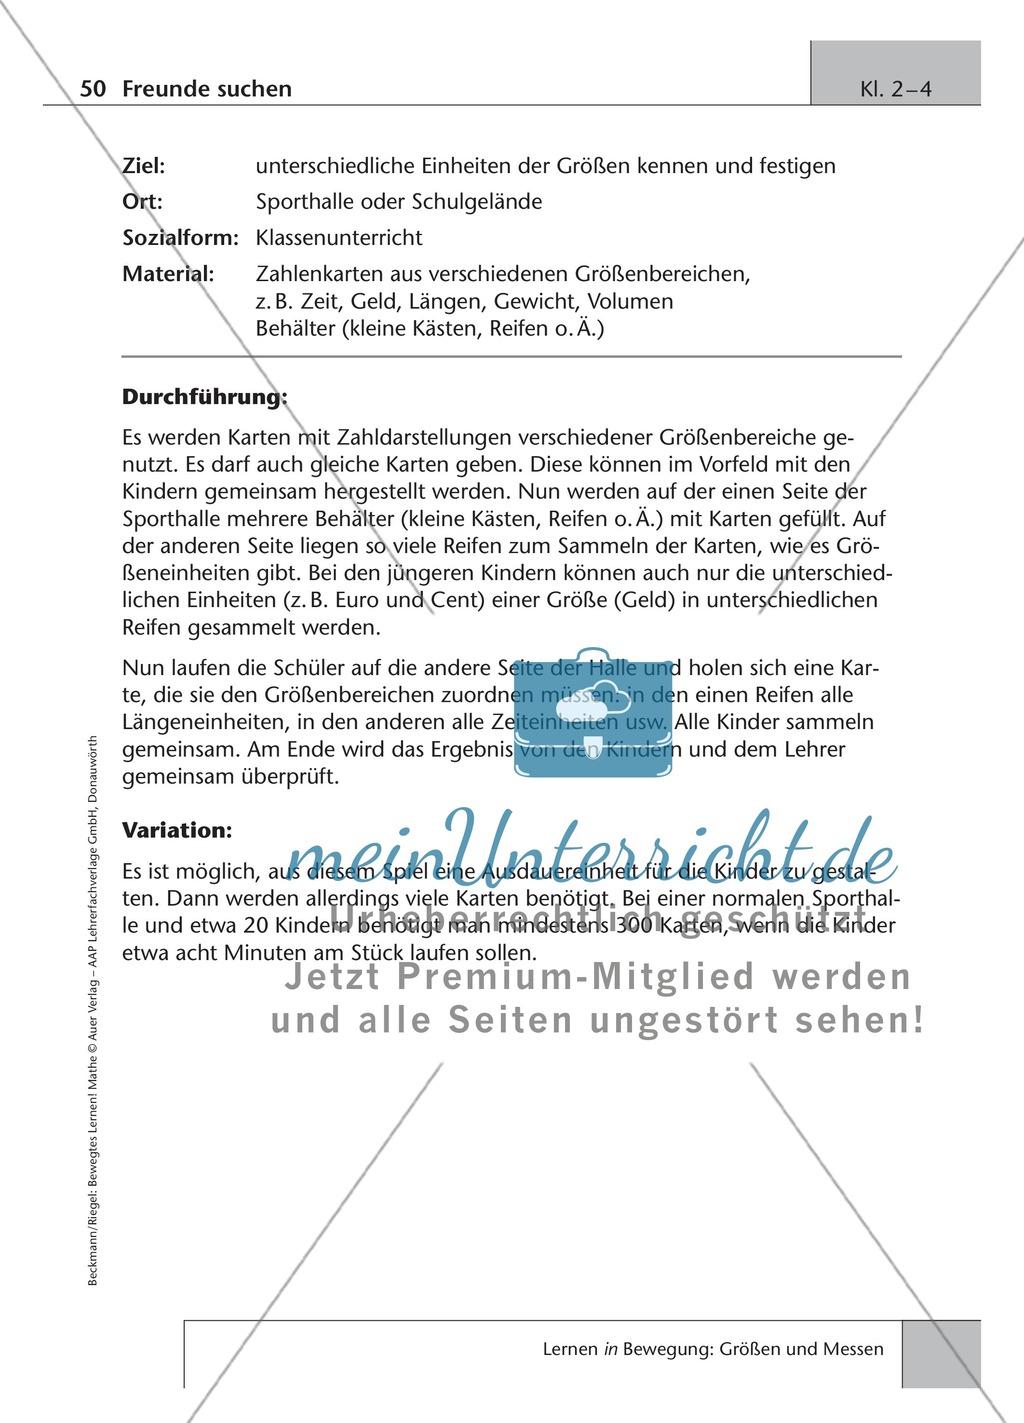 Schön Längeneinheiten Arbeitsblatt Antworten Galerie - Super Lehrer ...